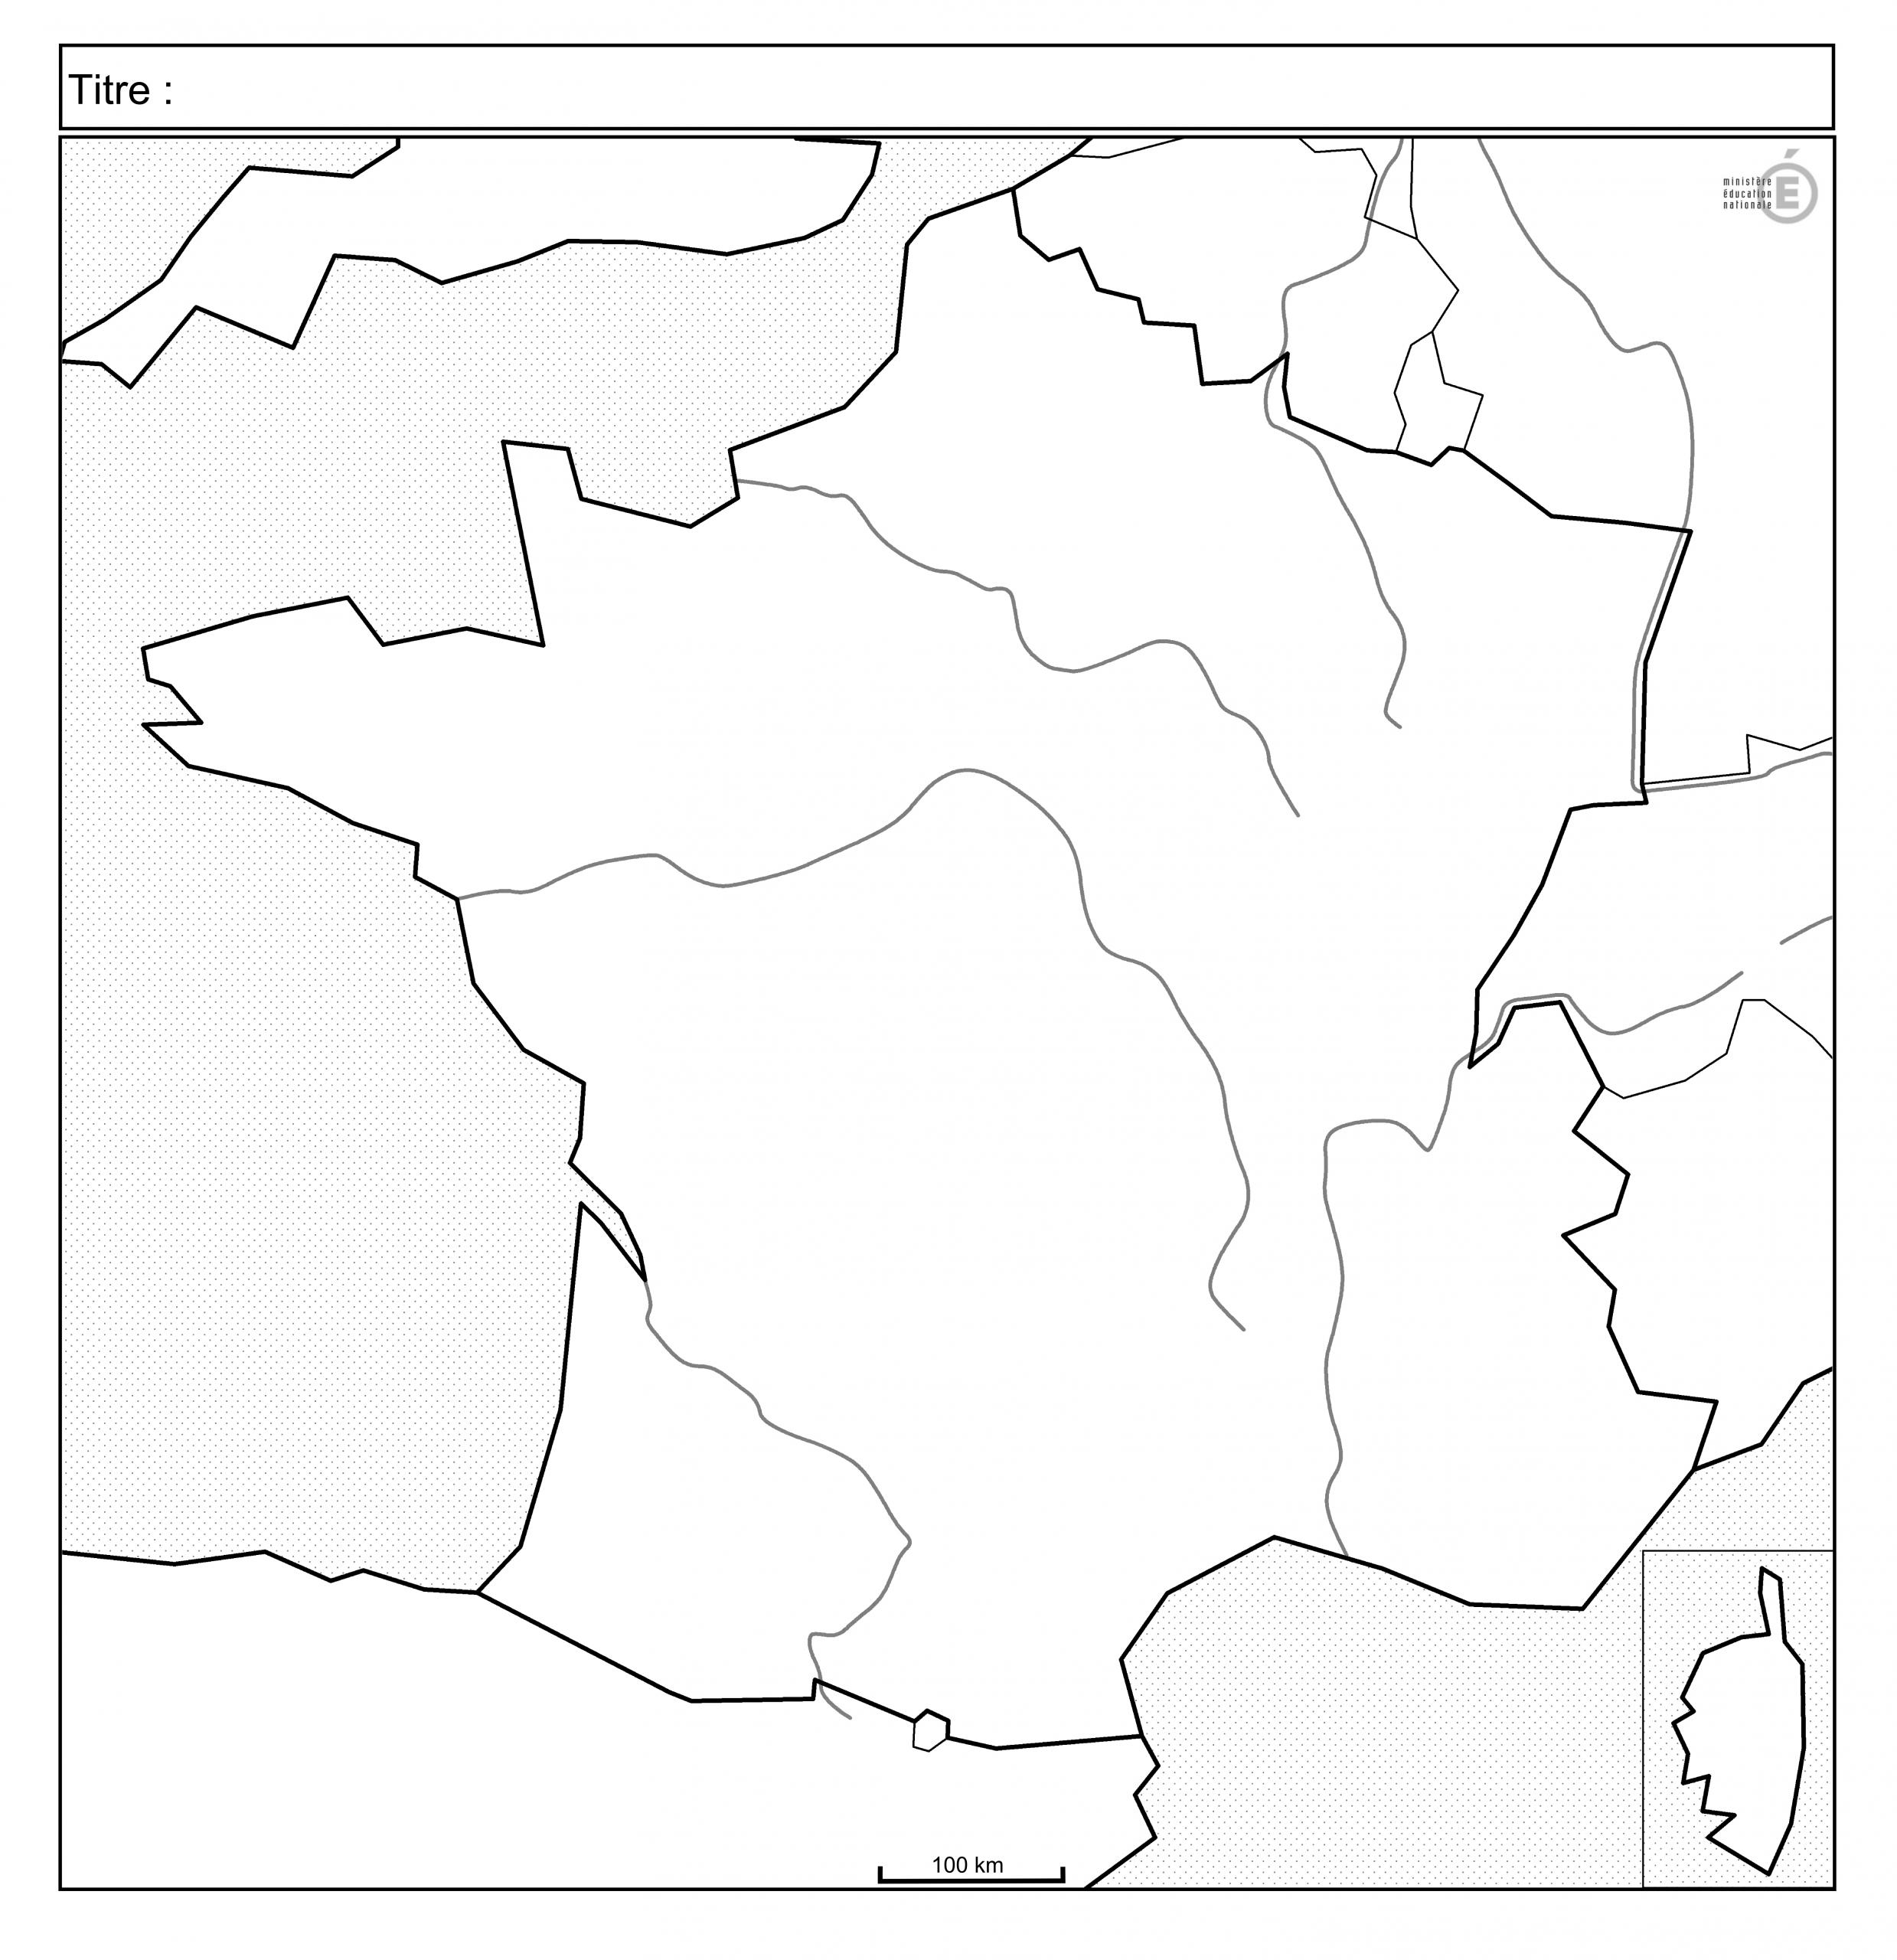 Fonds De Carte - Histoire-Géographie - Éduscol dedans Carte Nouvelles Régions De France